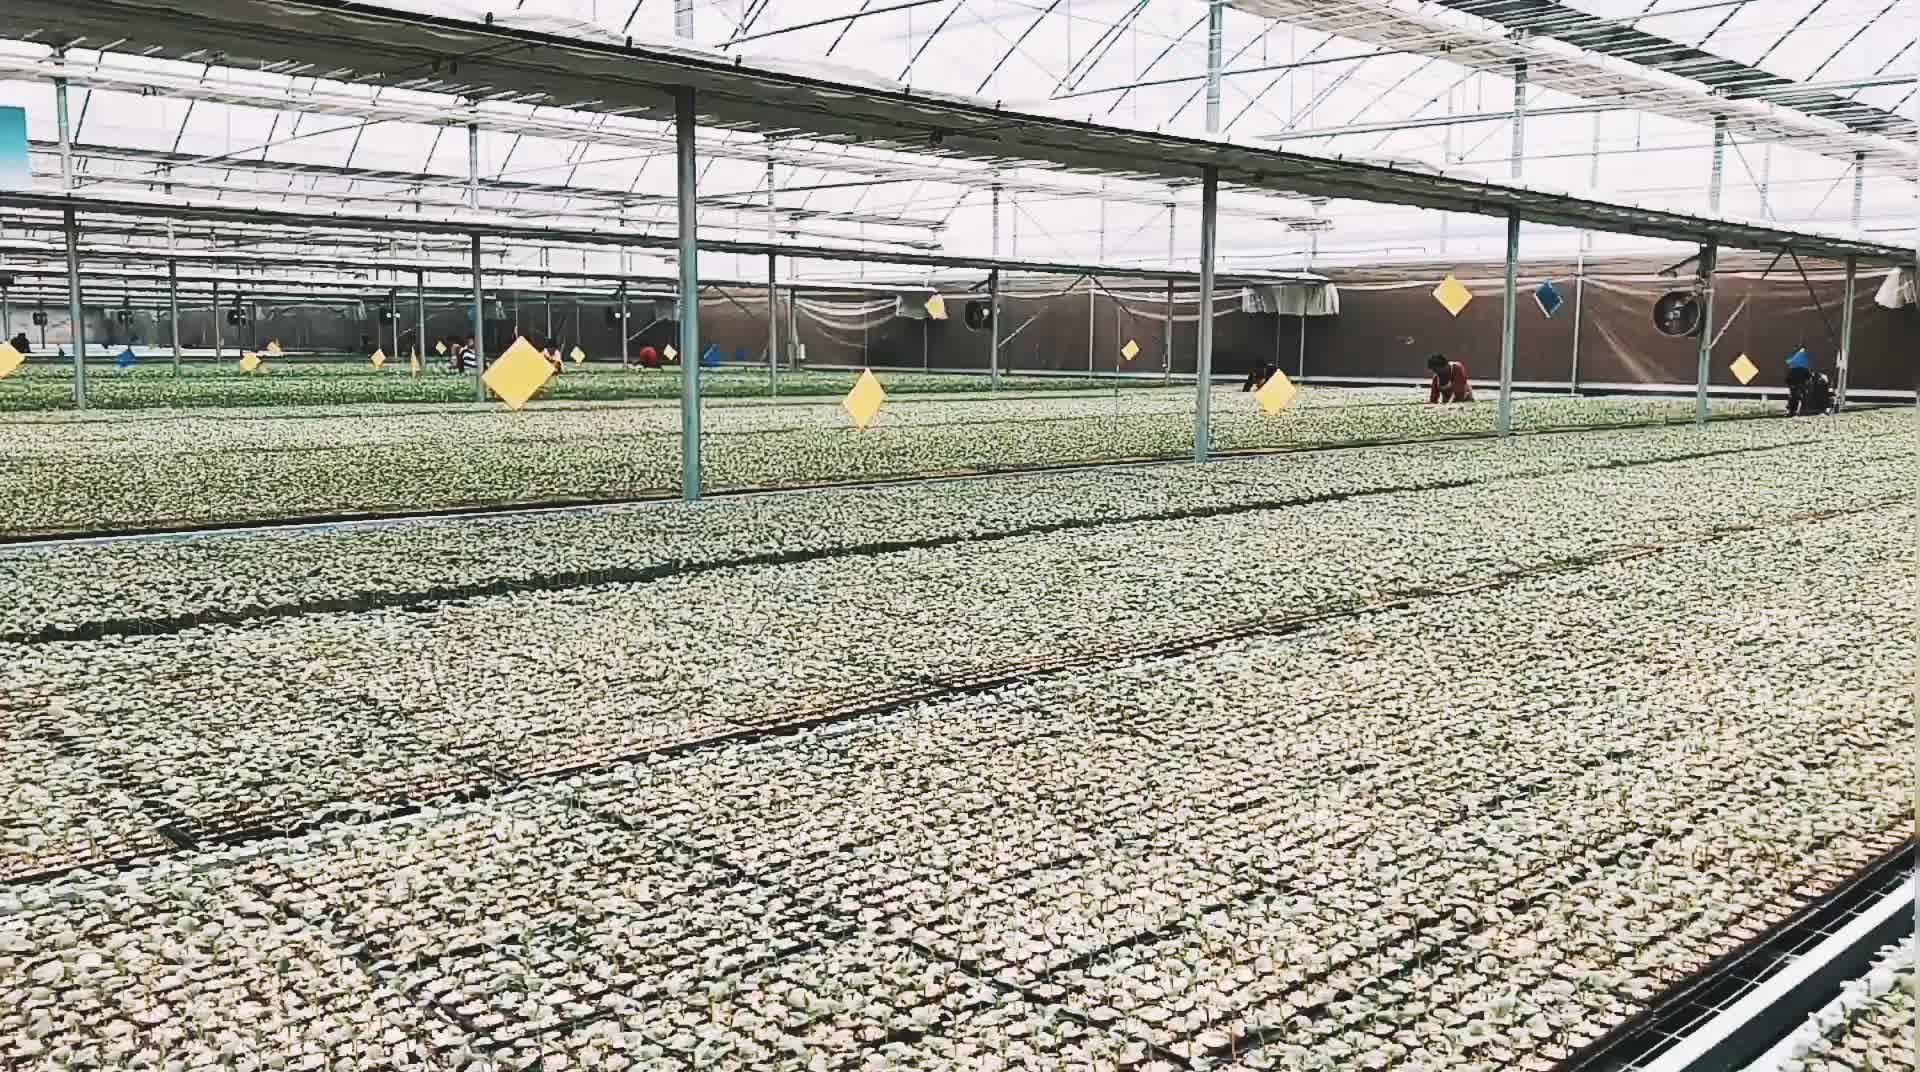 Plana planta bandejas/arranque semilla crece bandejas